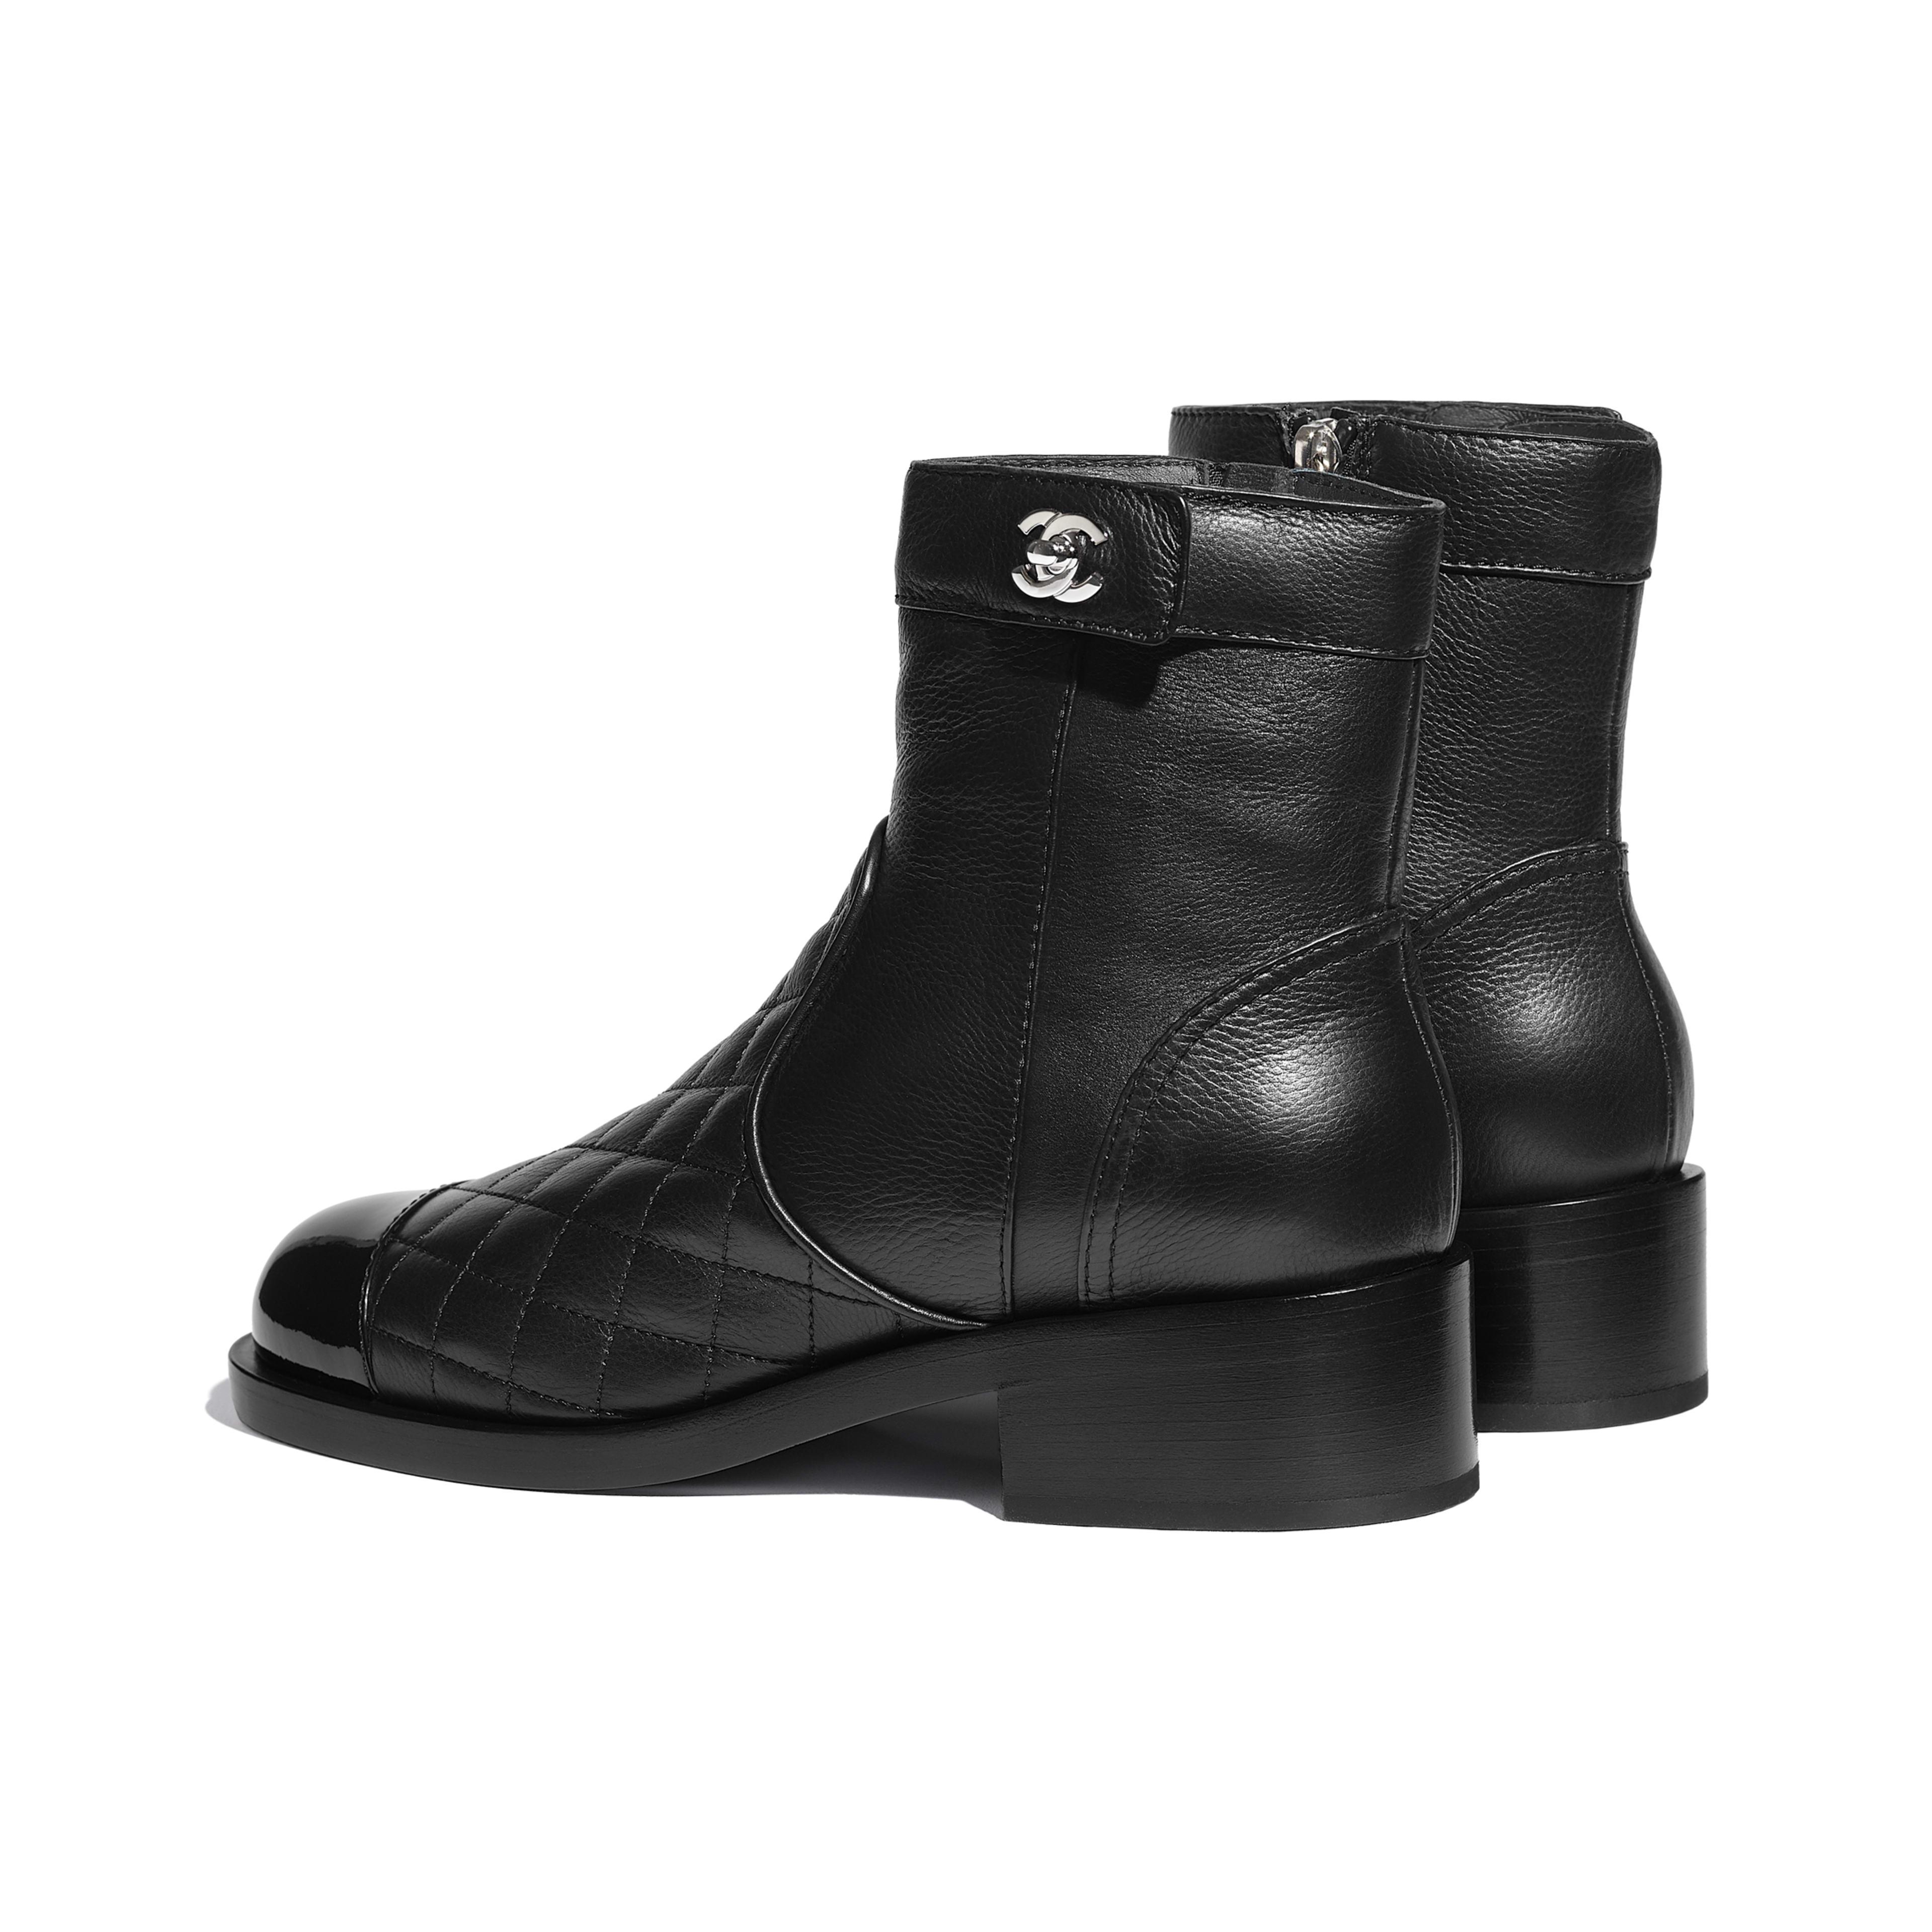 Calfskin \u0026 Patent Calfskin Black Ankle